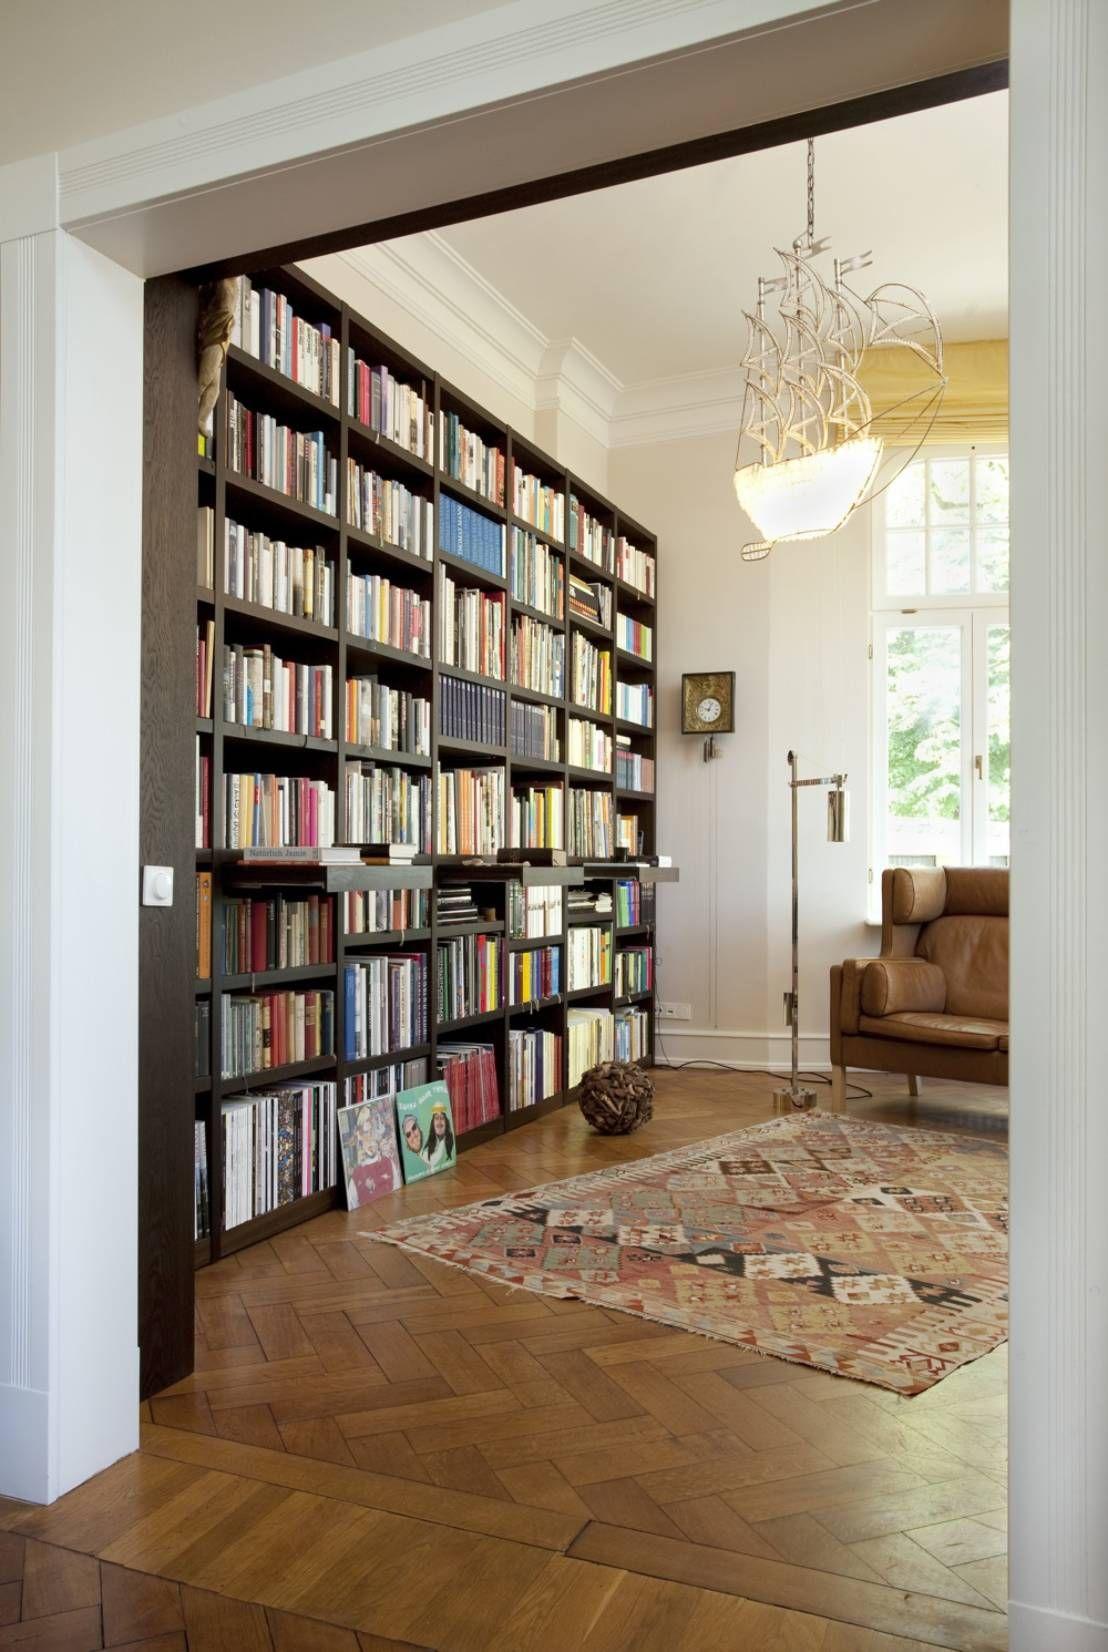 bibliothek für zuhause | bibliothek, zuhause und lesezimmer